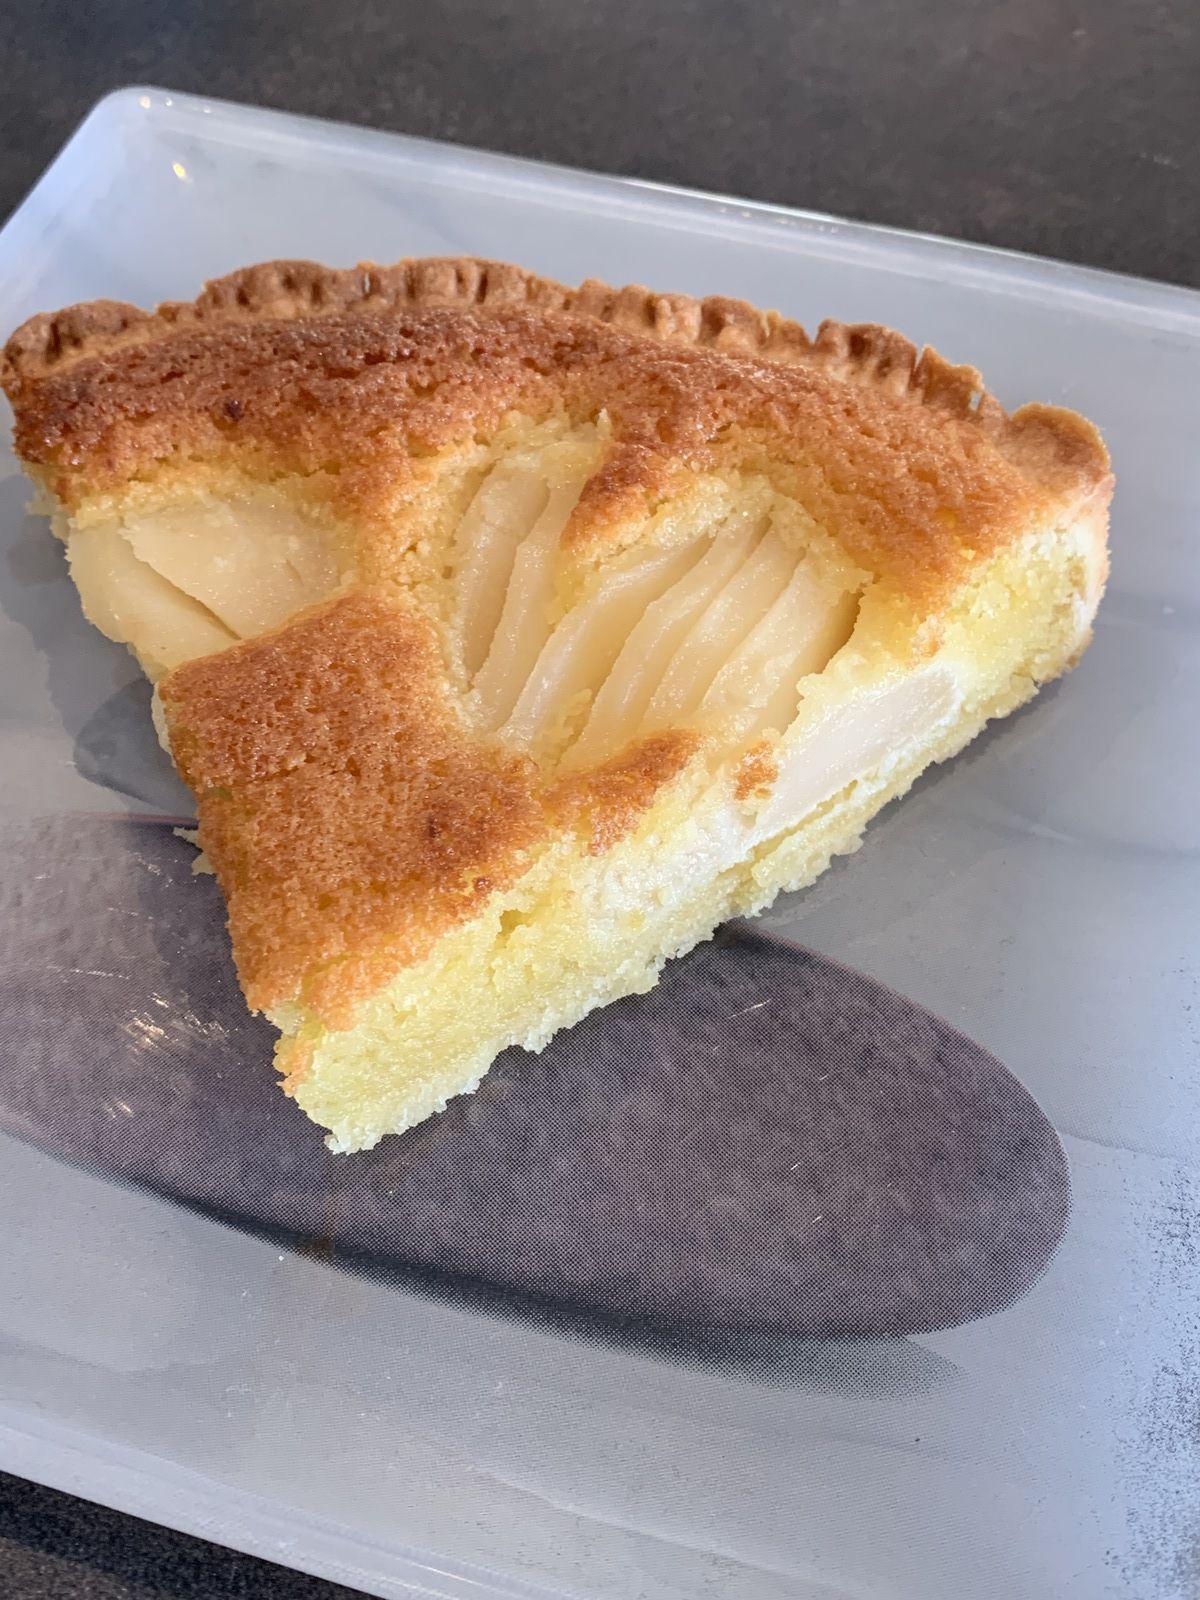 Le saviez-vous ? Cette tarte tient son nom d'une pâtisserie établie rue Bourdaloue, dans les années 1850.